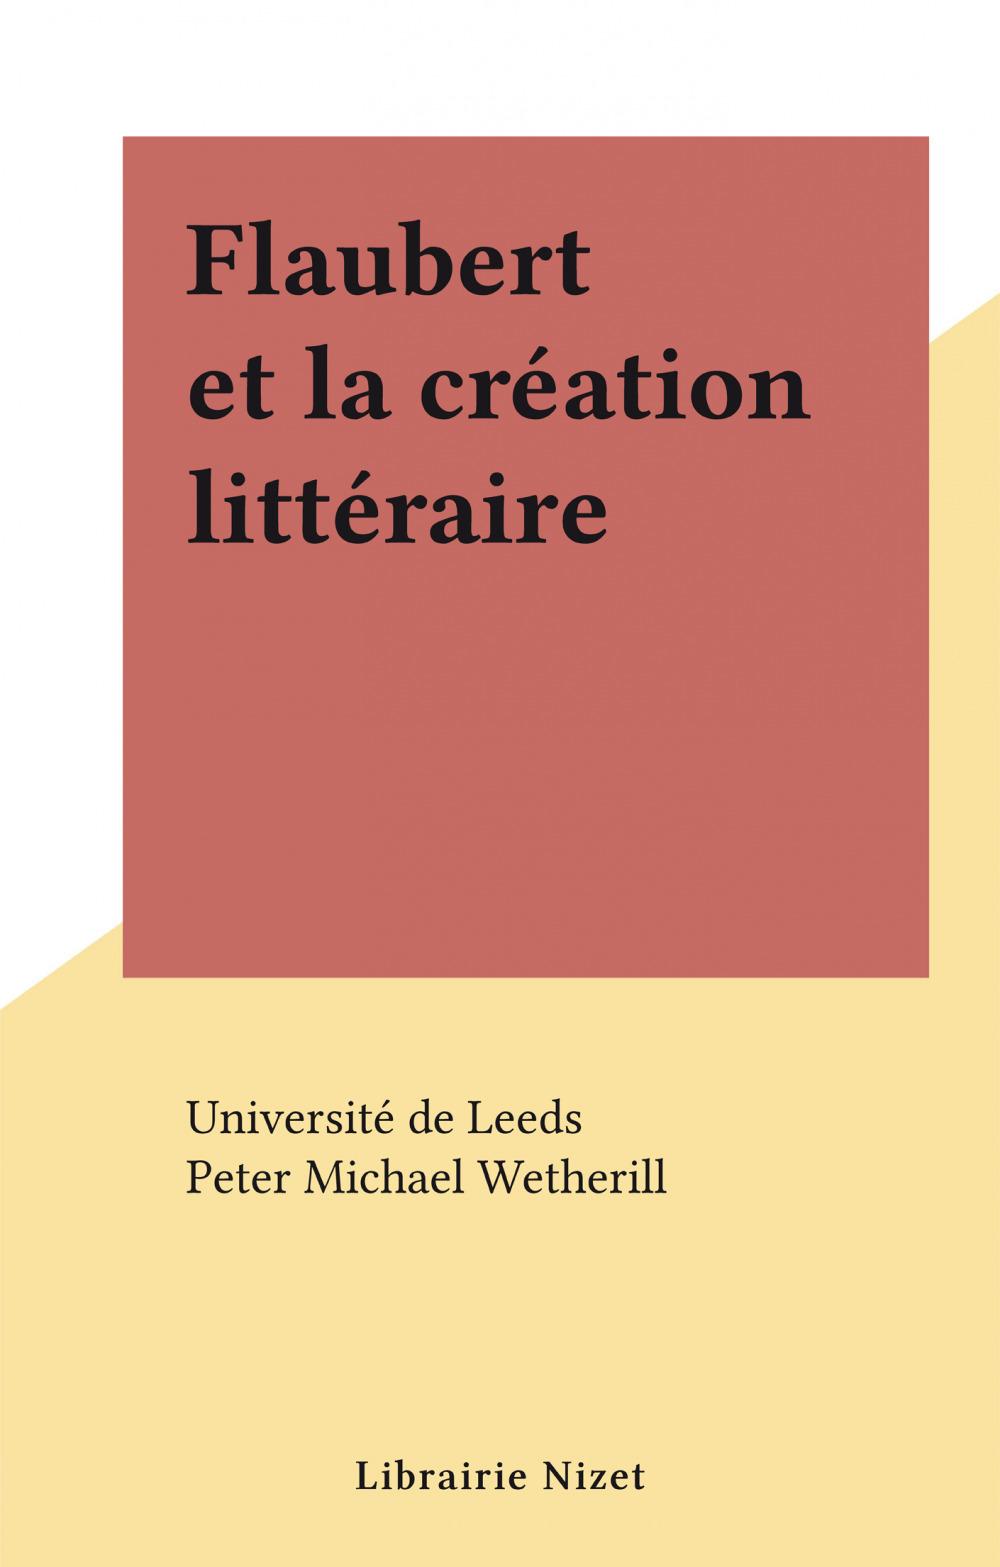 Flaubert et la création littéraire